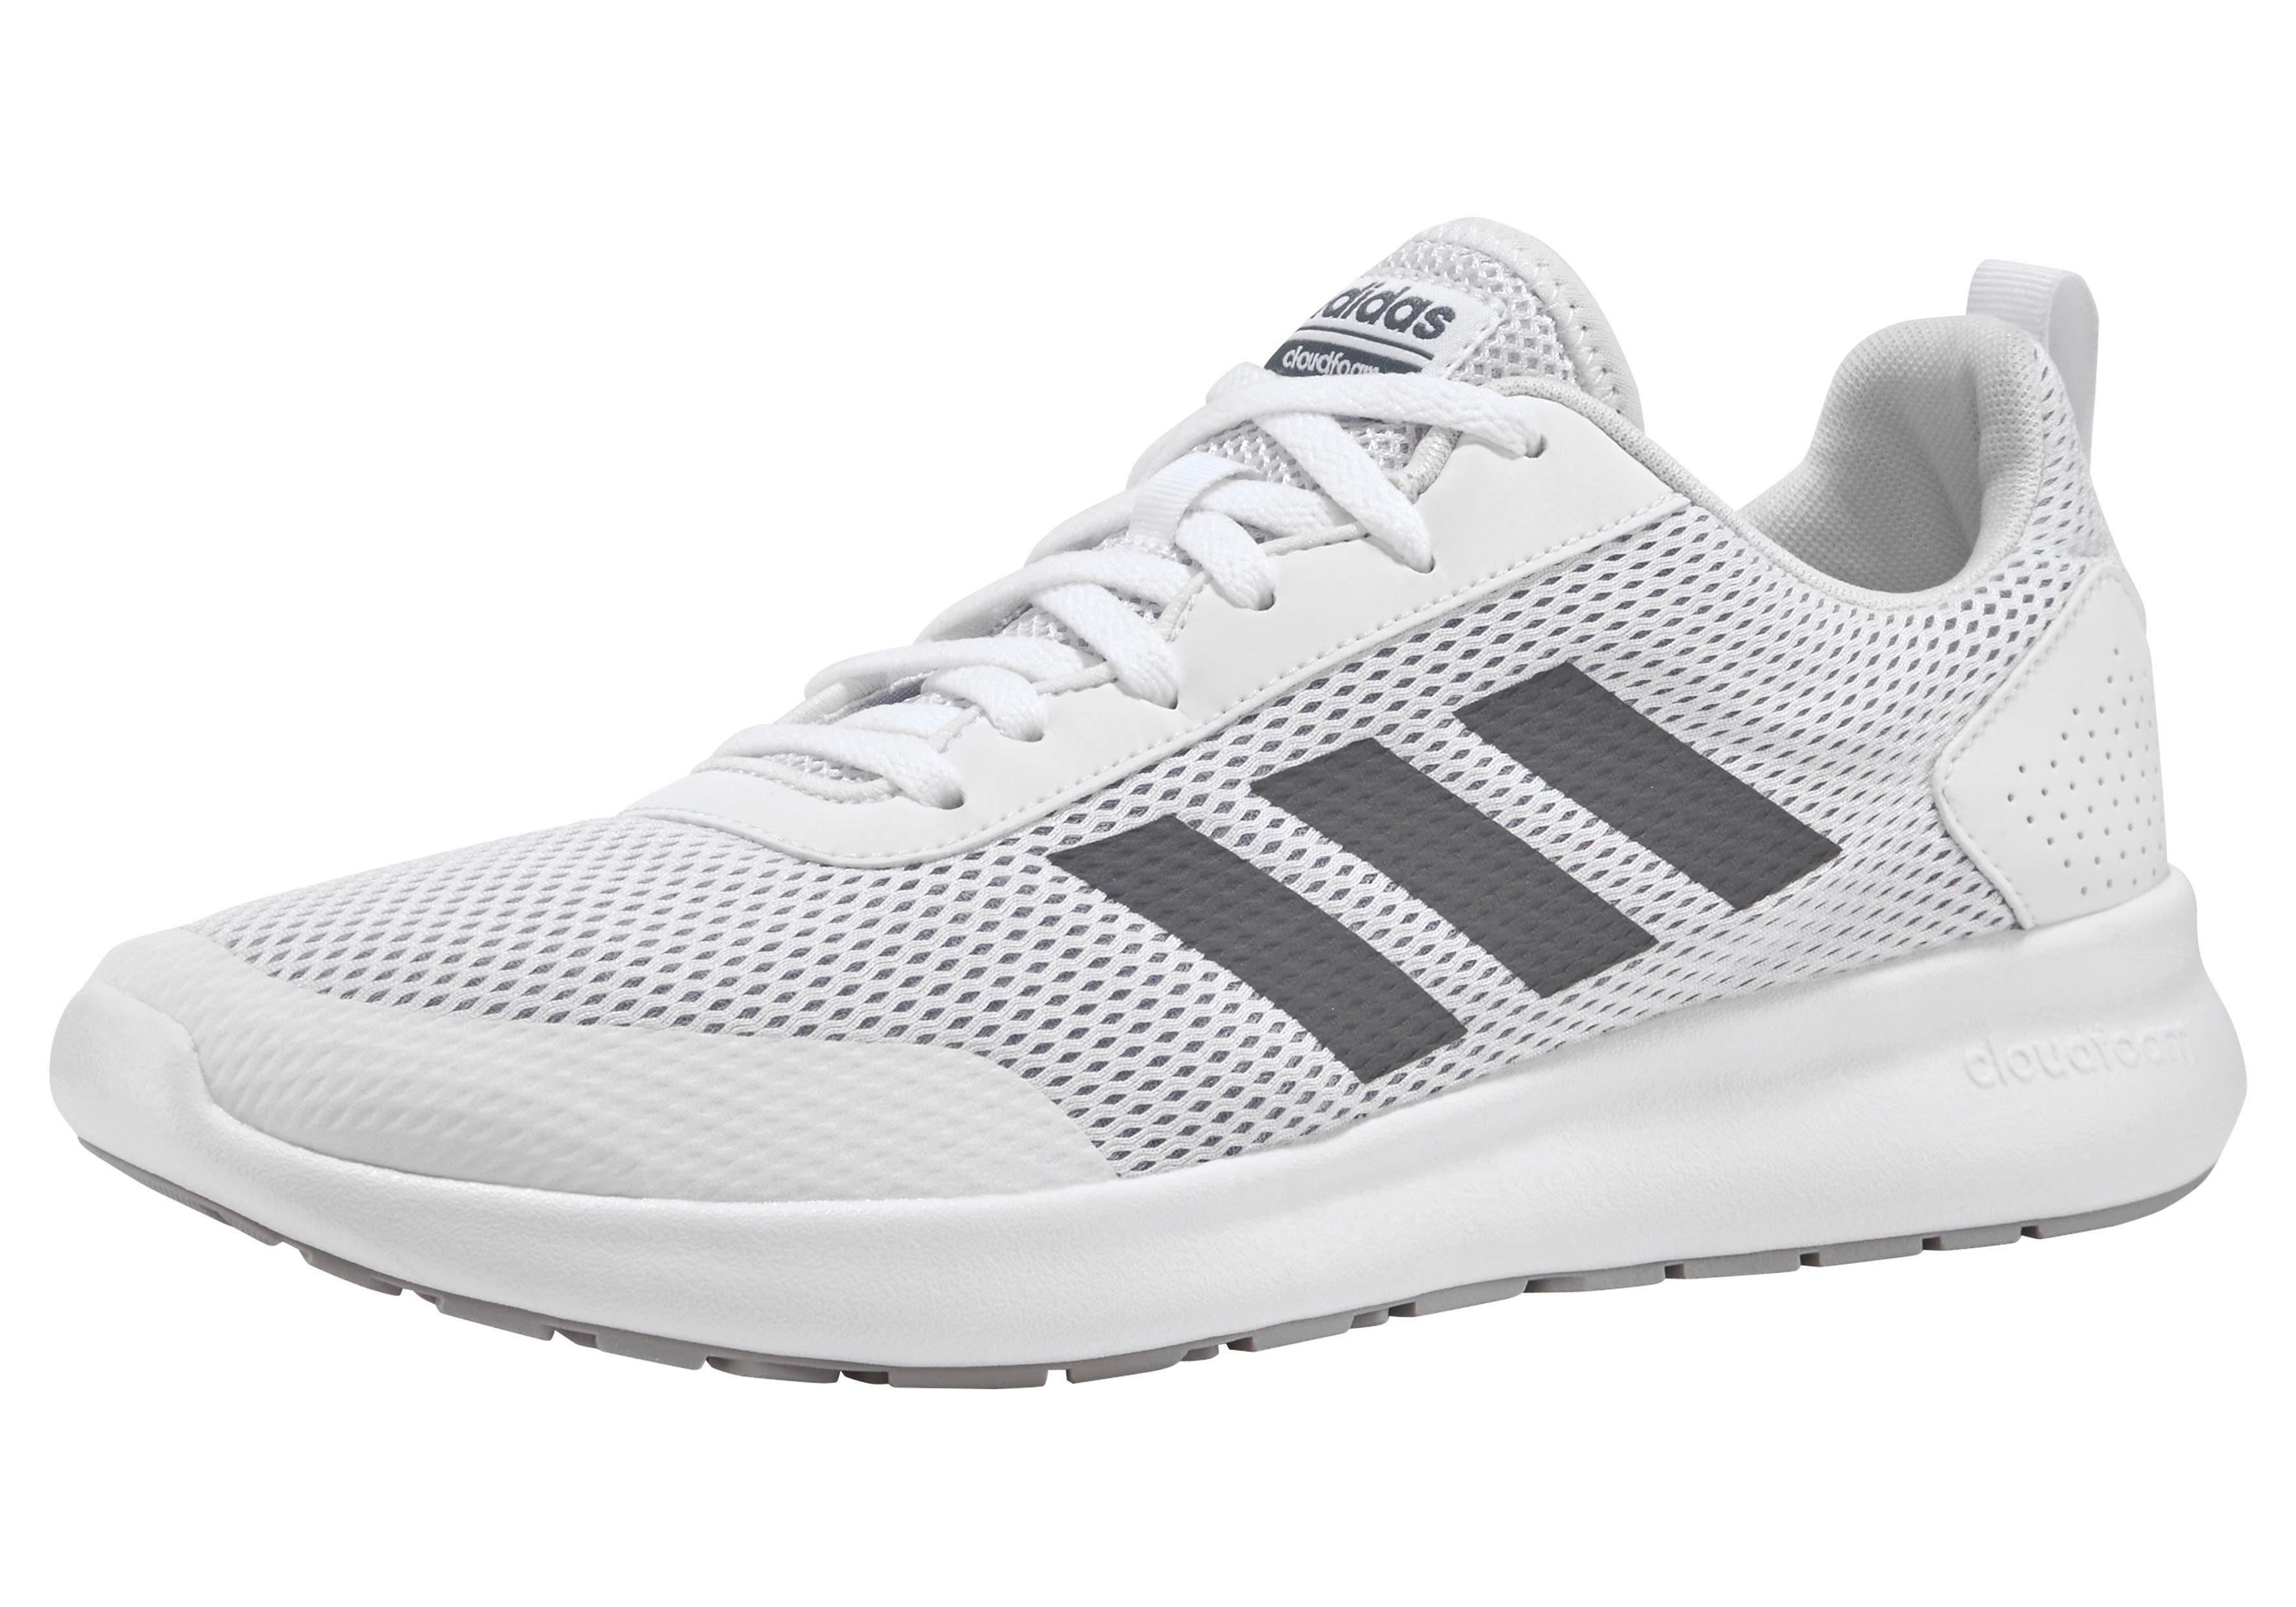 adidas »Argecy« Laufschuh, Atmungsaktives Obermaterial aus Mesh online kaufen | OTTO